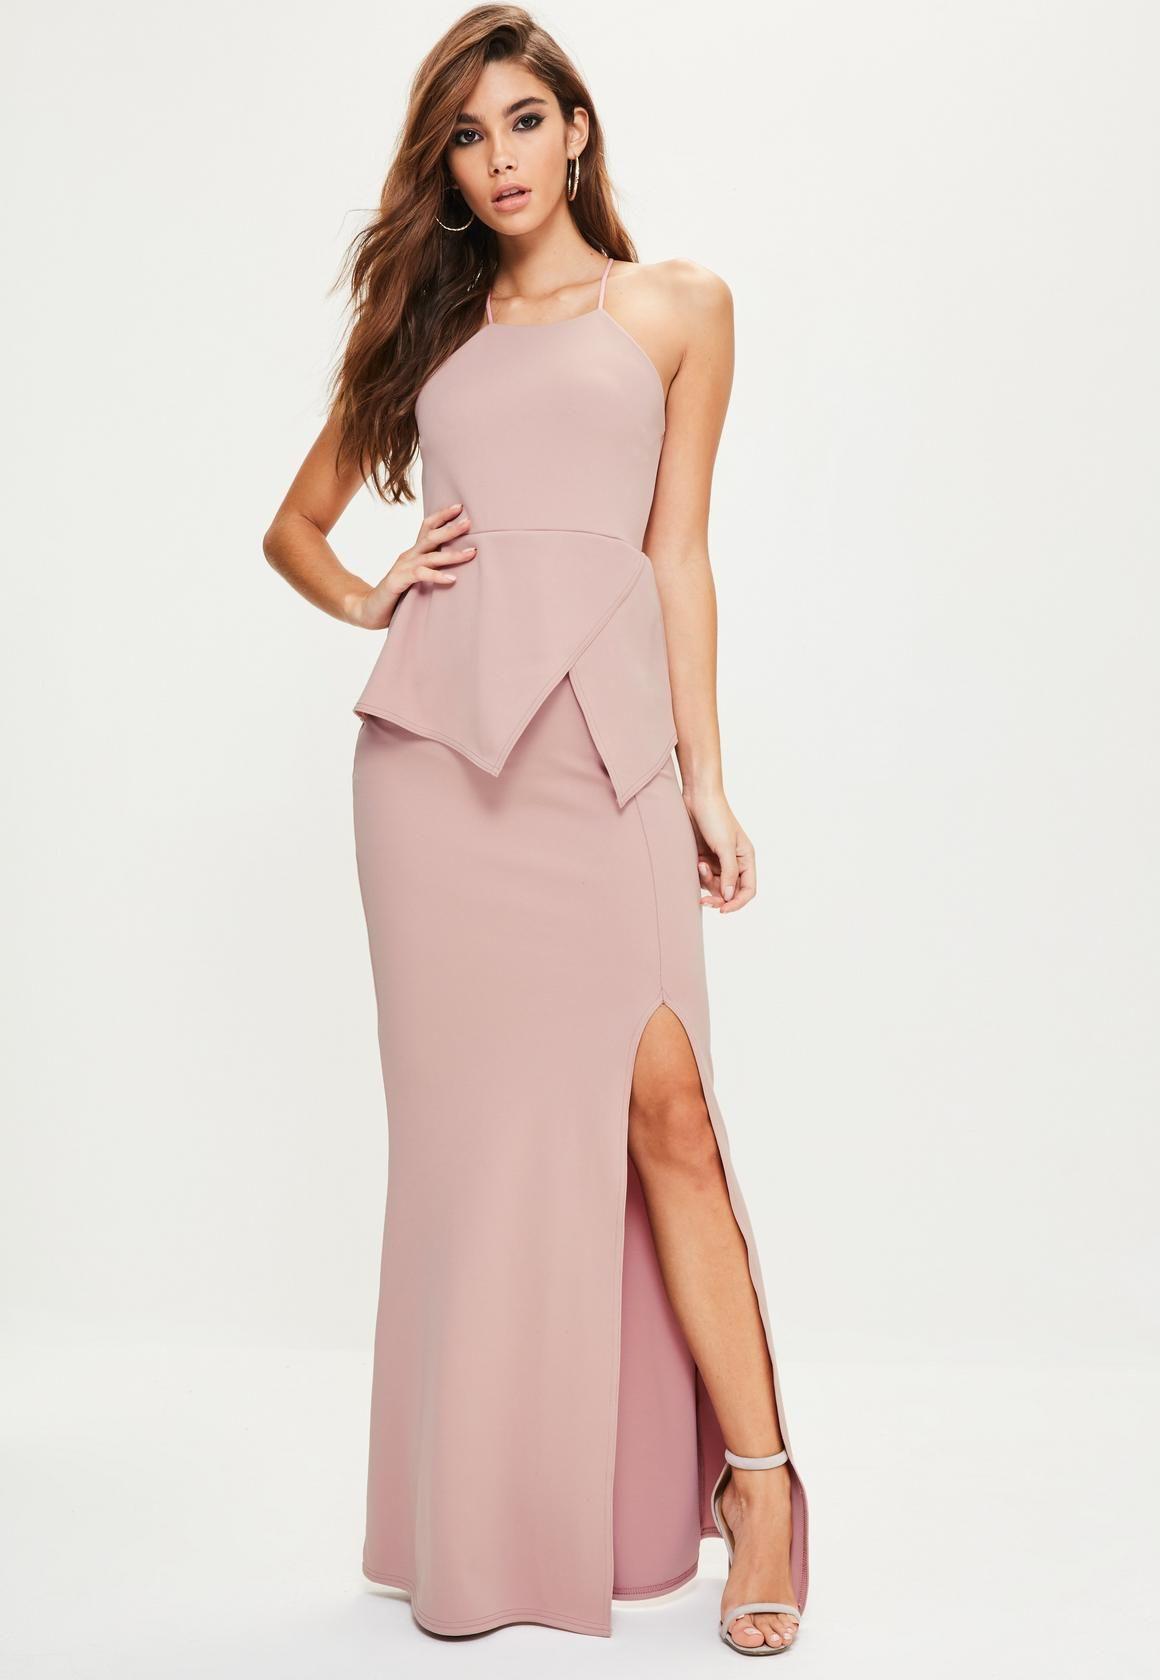 Missguided - Vestido largo con escote cuadrado con detalle origami ...